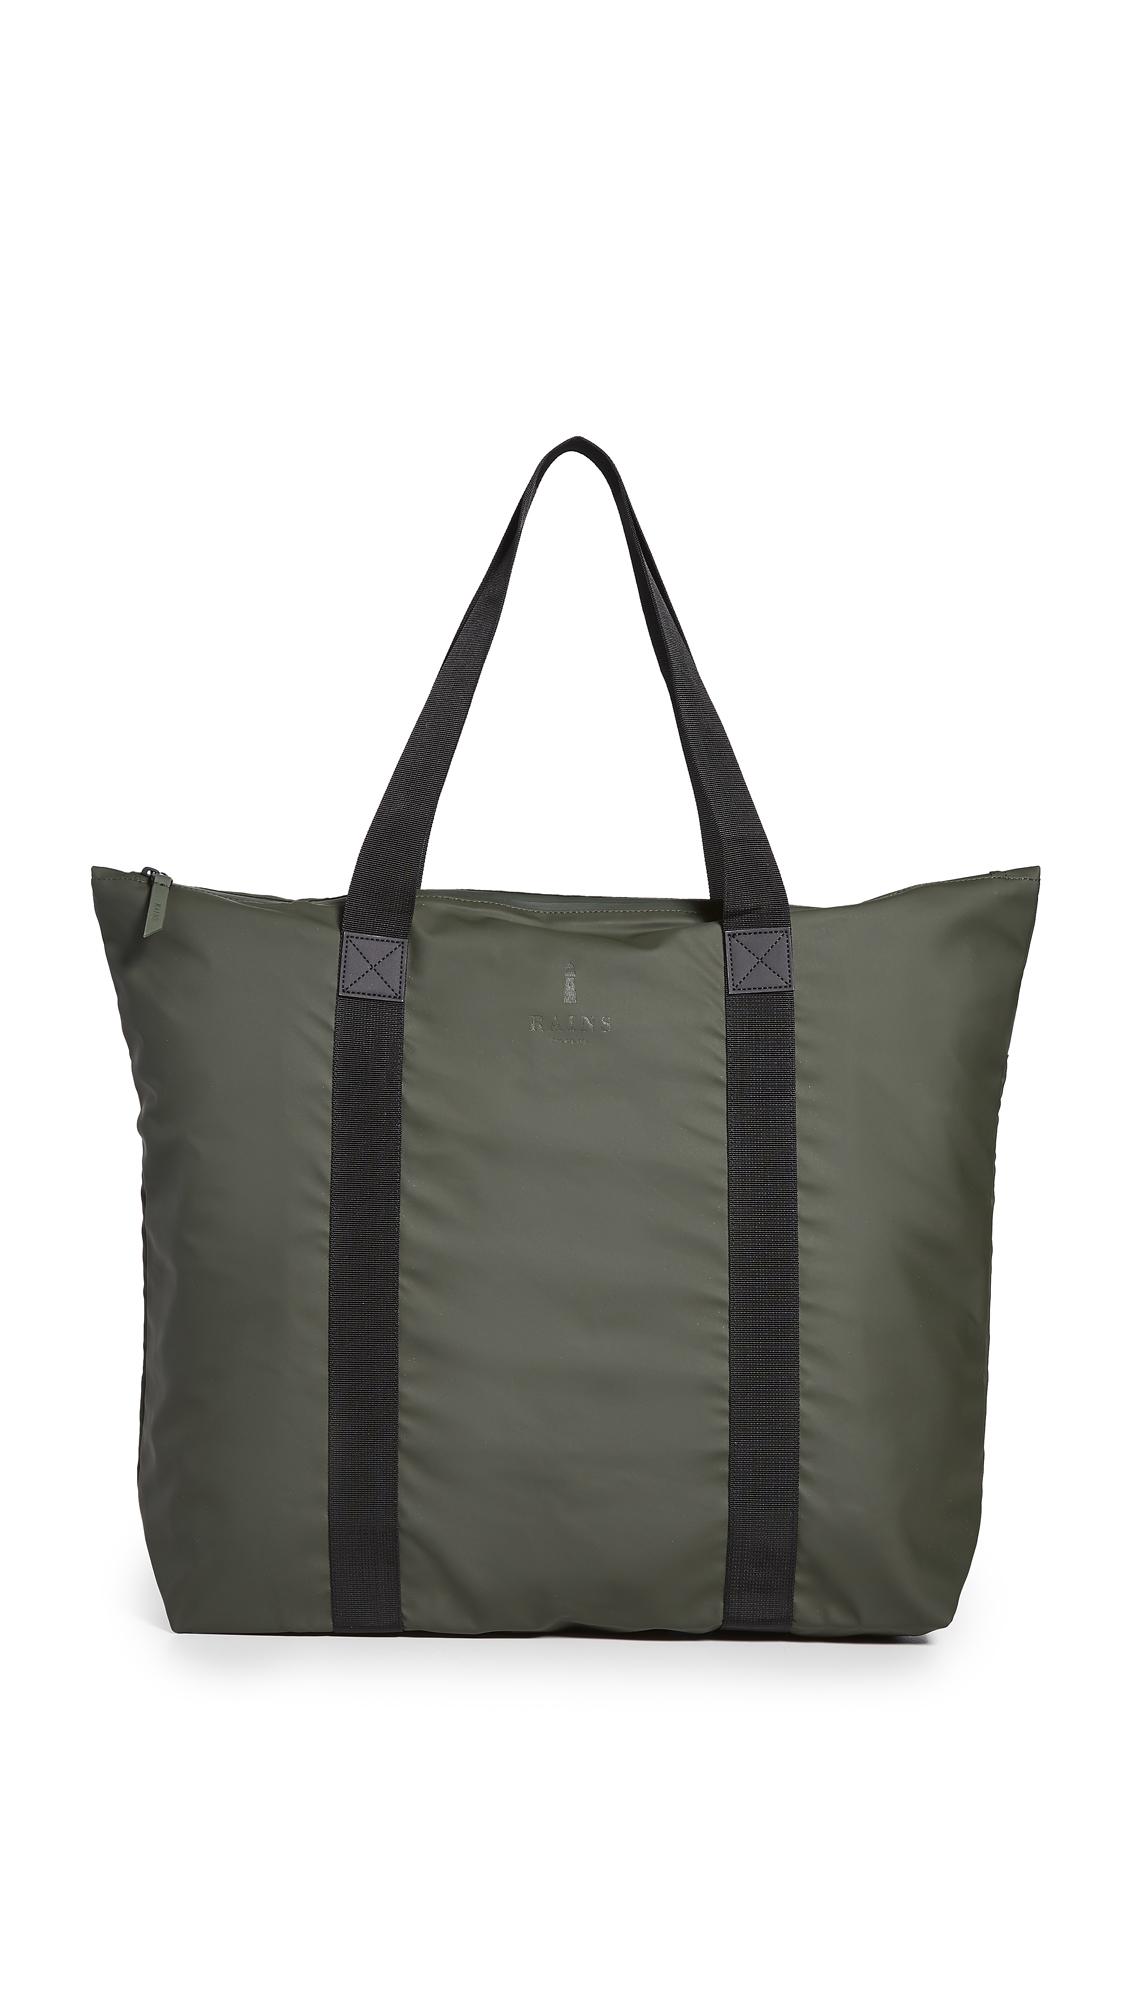 Rains Tote Bag In Green